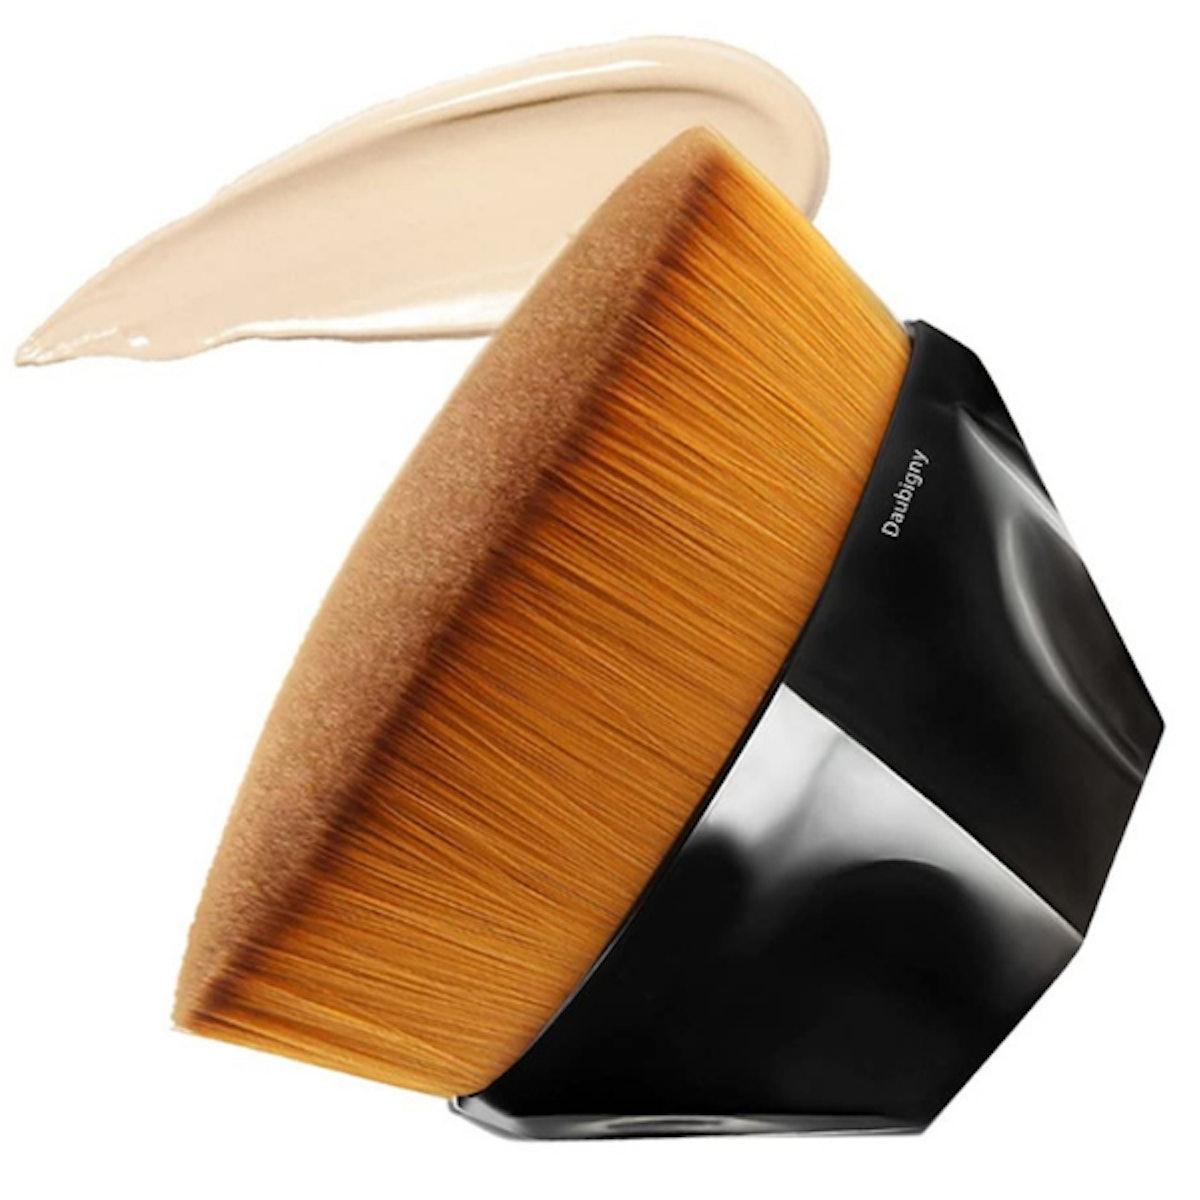 Daubigny Flat Top Makeup Brush